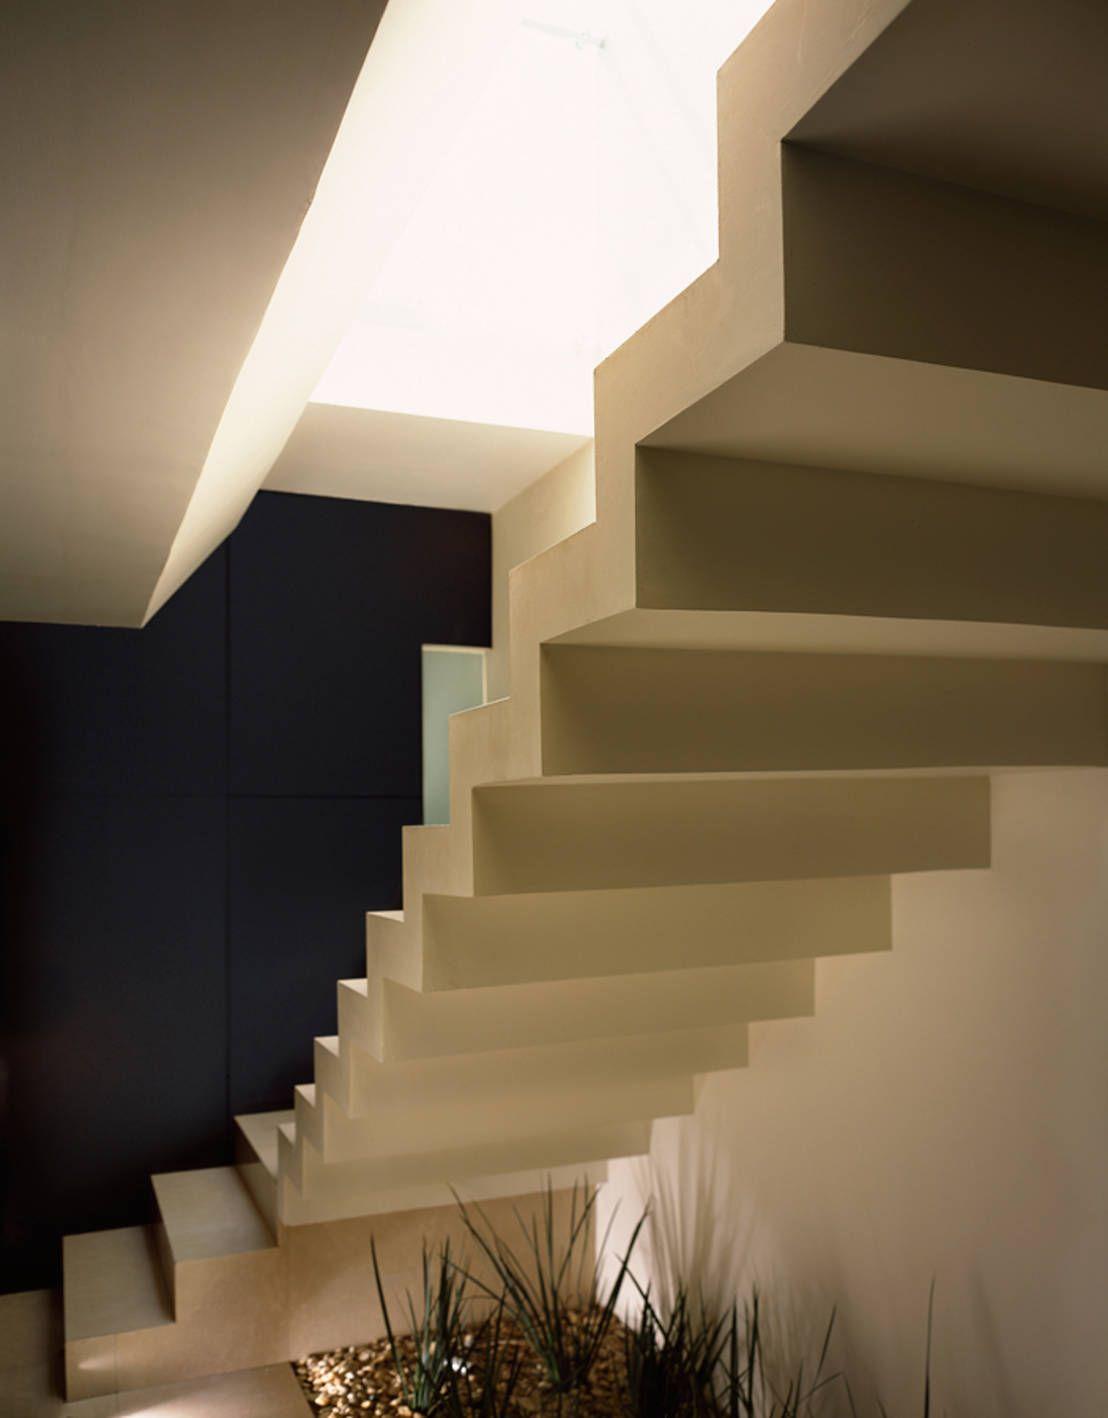 Solemos creer que las escaleras son simples herramientas que nos ayudan a conectar un nivel con el otro dentro del hogar, sin embargo, en la arquitectura contemporánea están tomando cada vez más protagonismo.